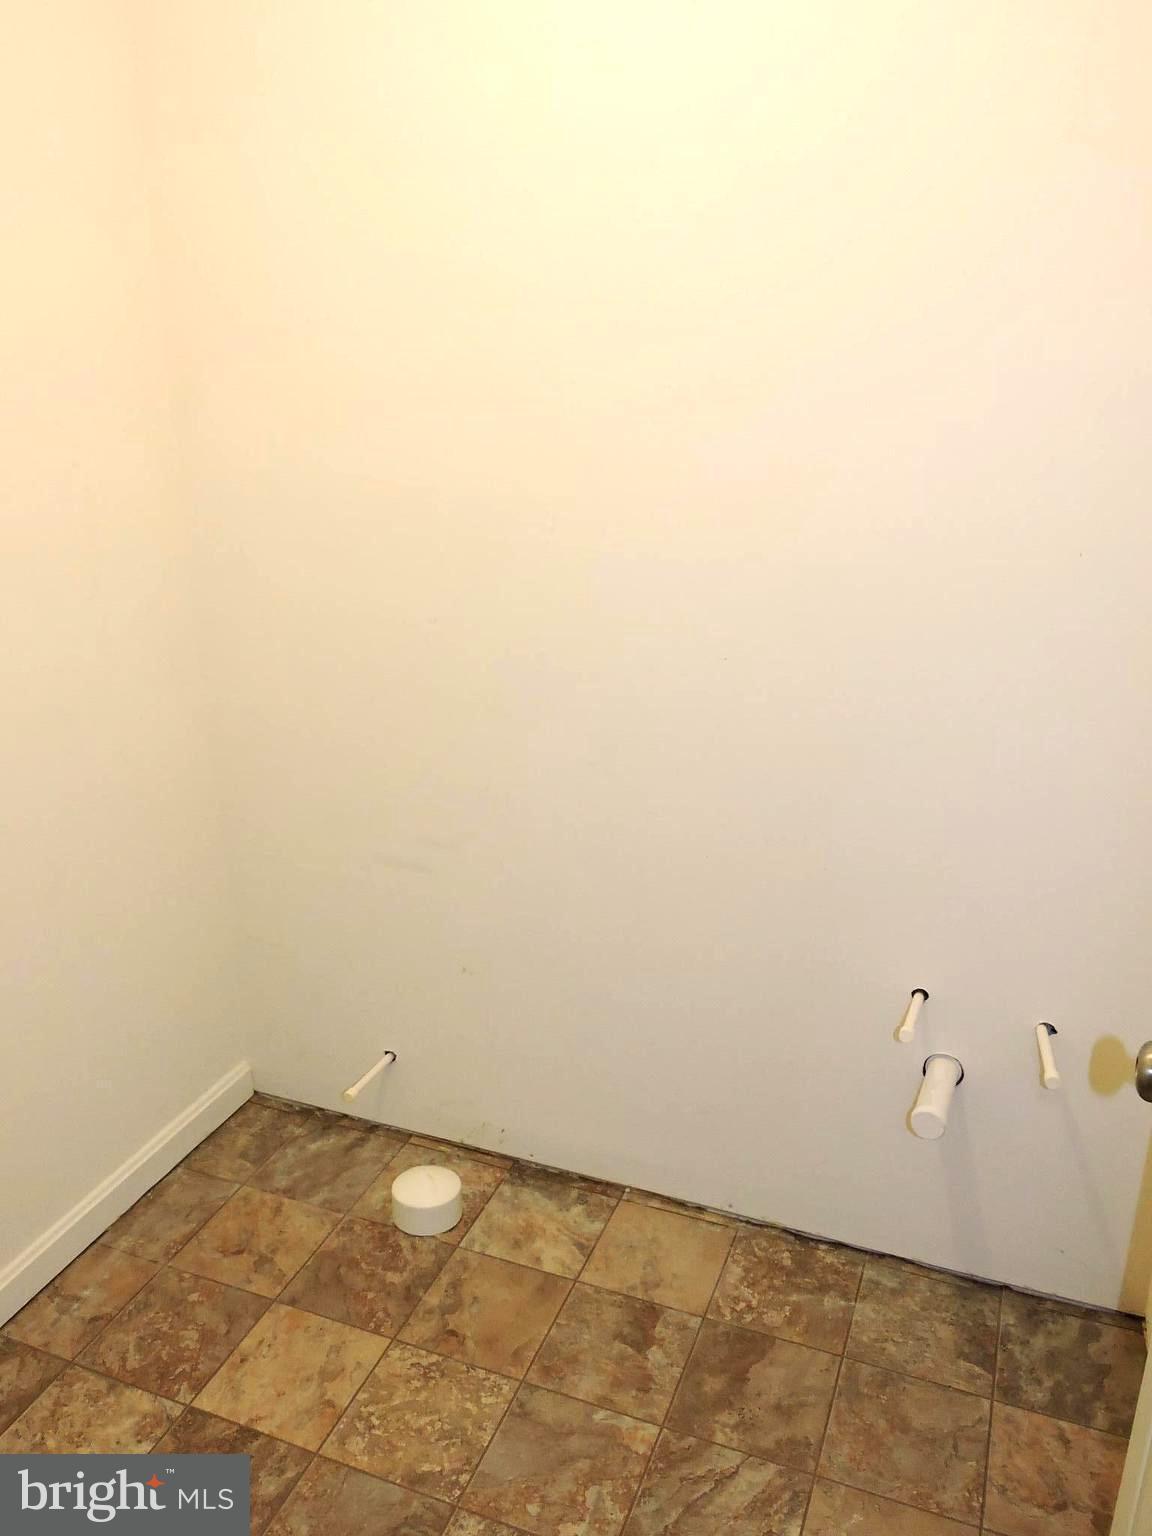 46 KENNEDY CIR, Martinsburg, WV 25404 $184,900 www.mattridgeway.com ...